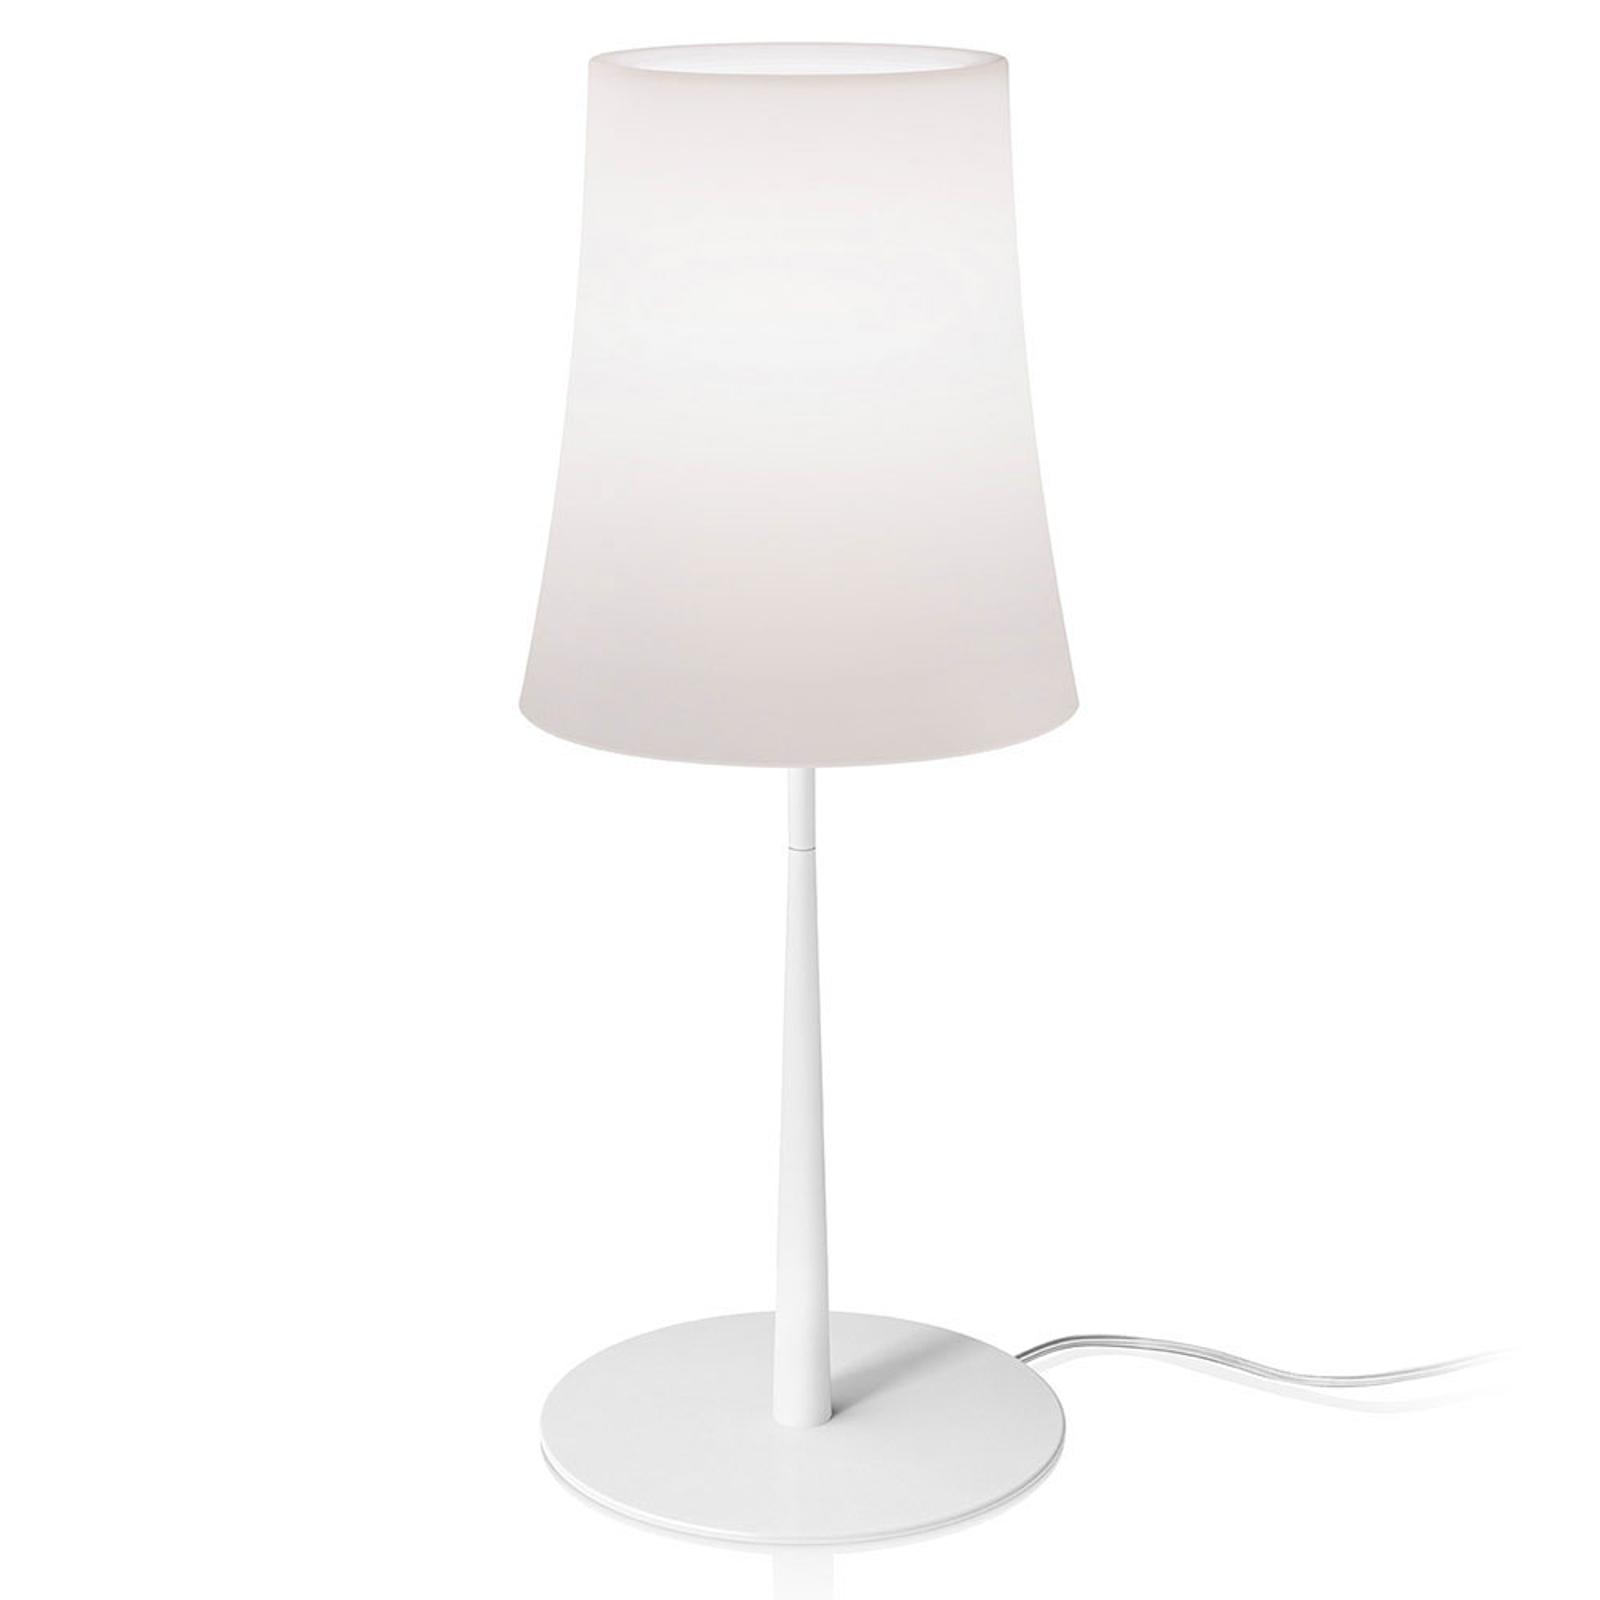 Foscarini Birdie Easy Grande Tischlampe weiß